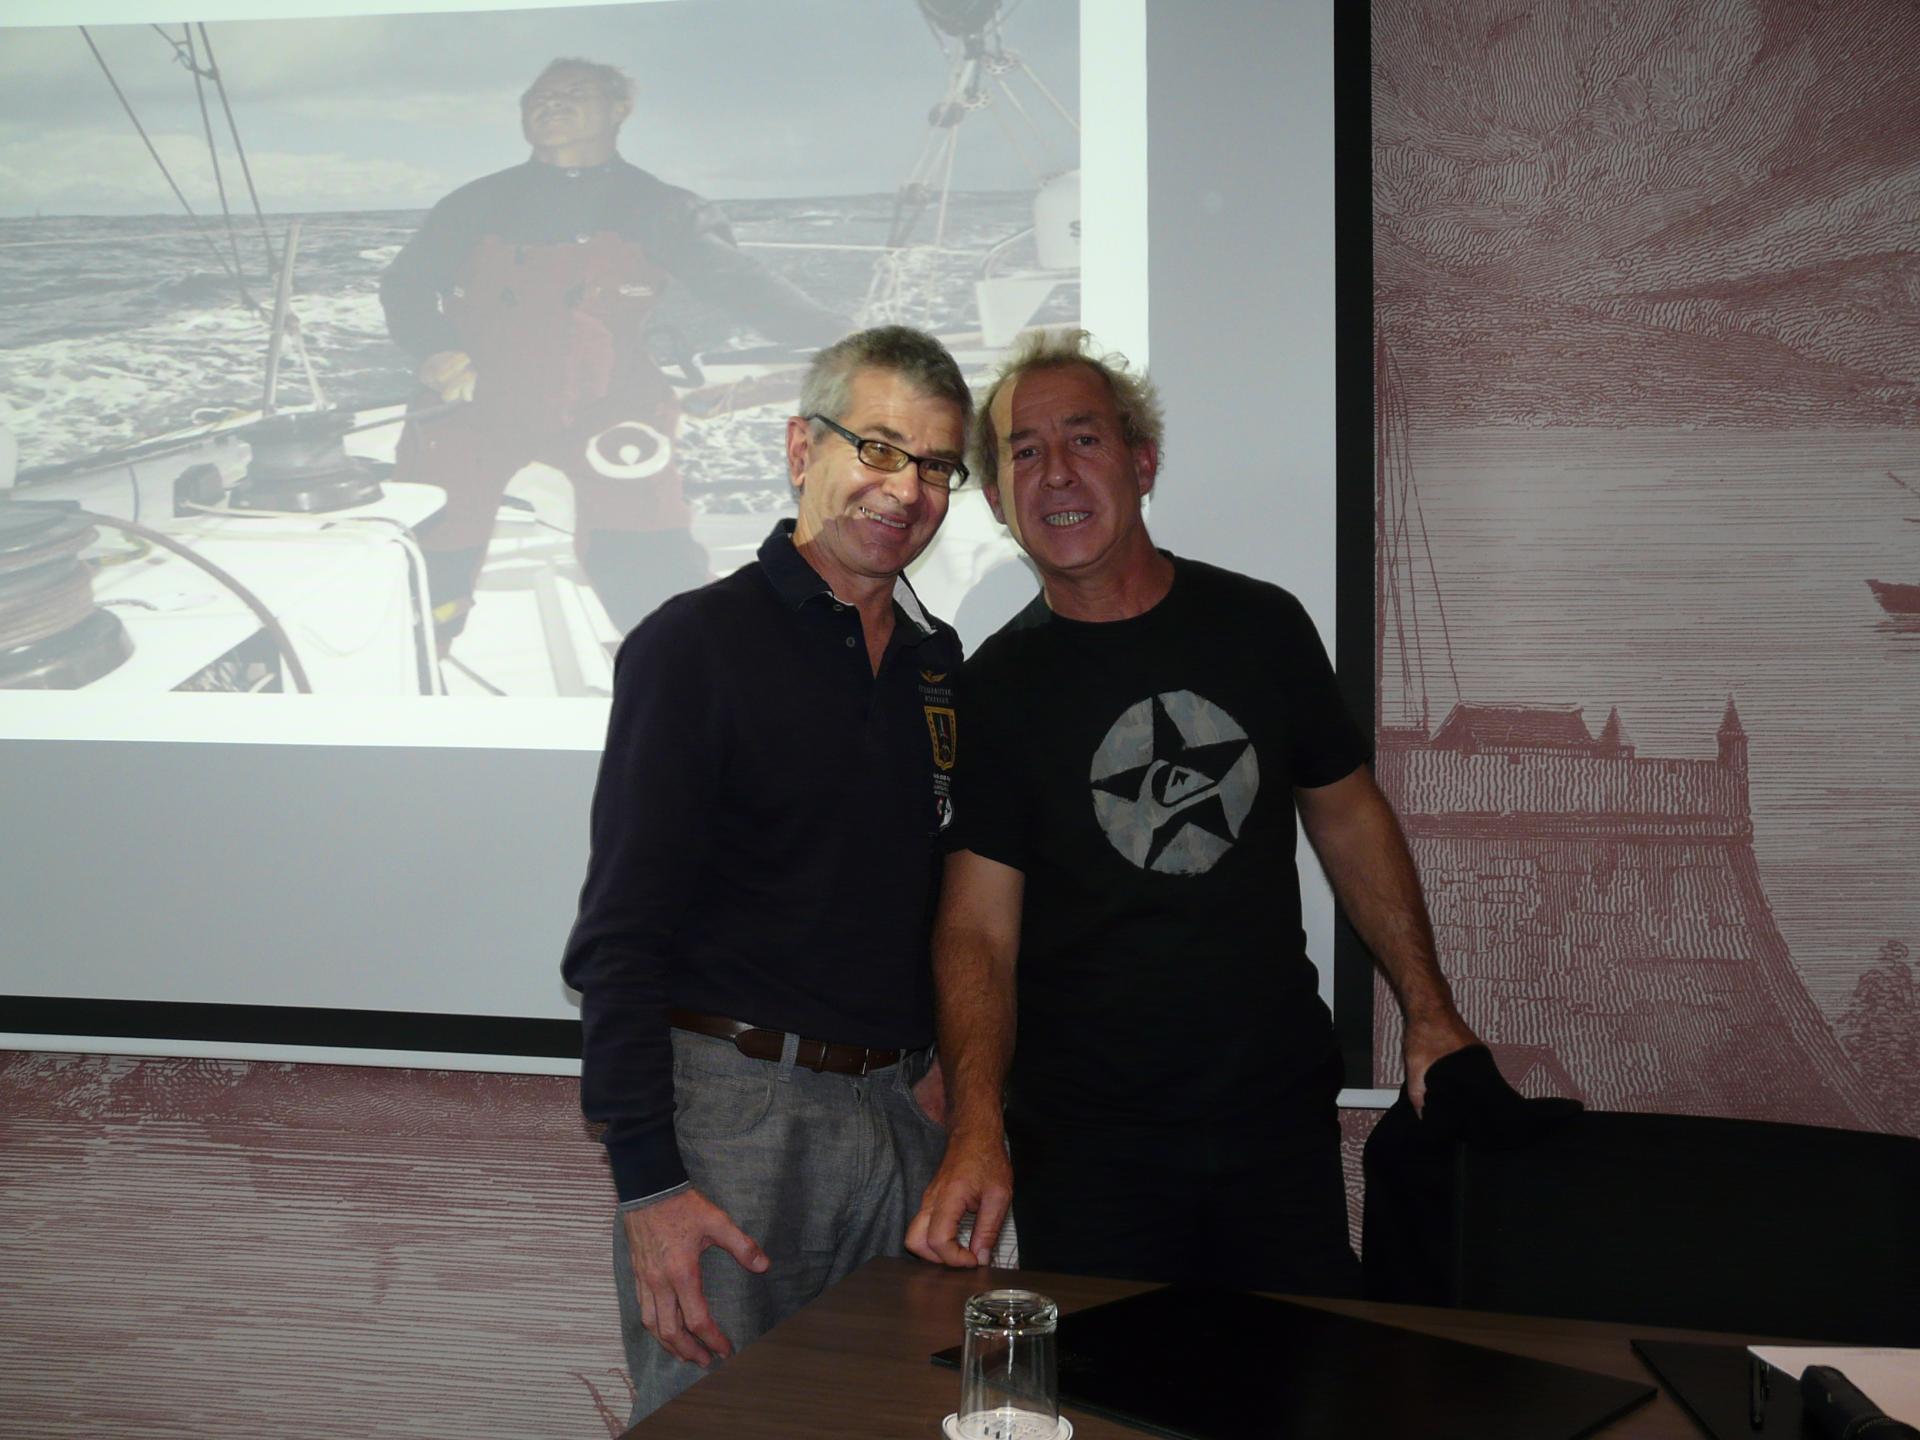 Laurent Jourdain est venu nous faire partager son expérience de la course au large